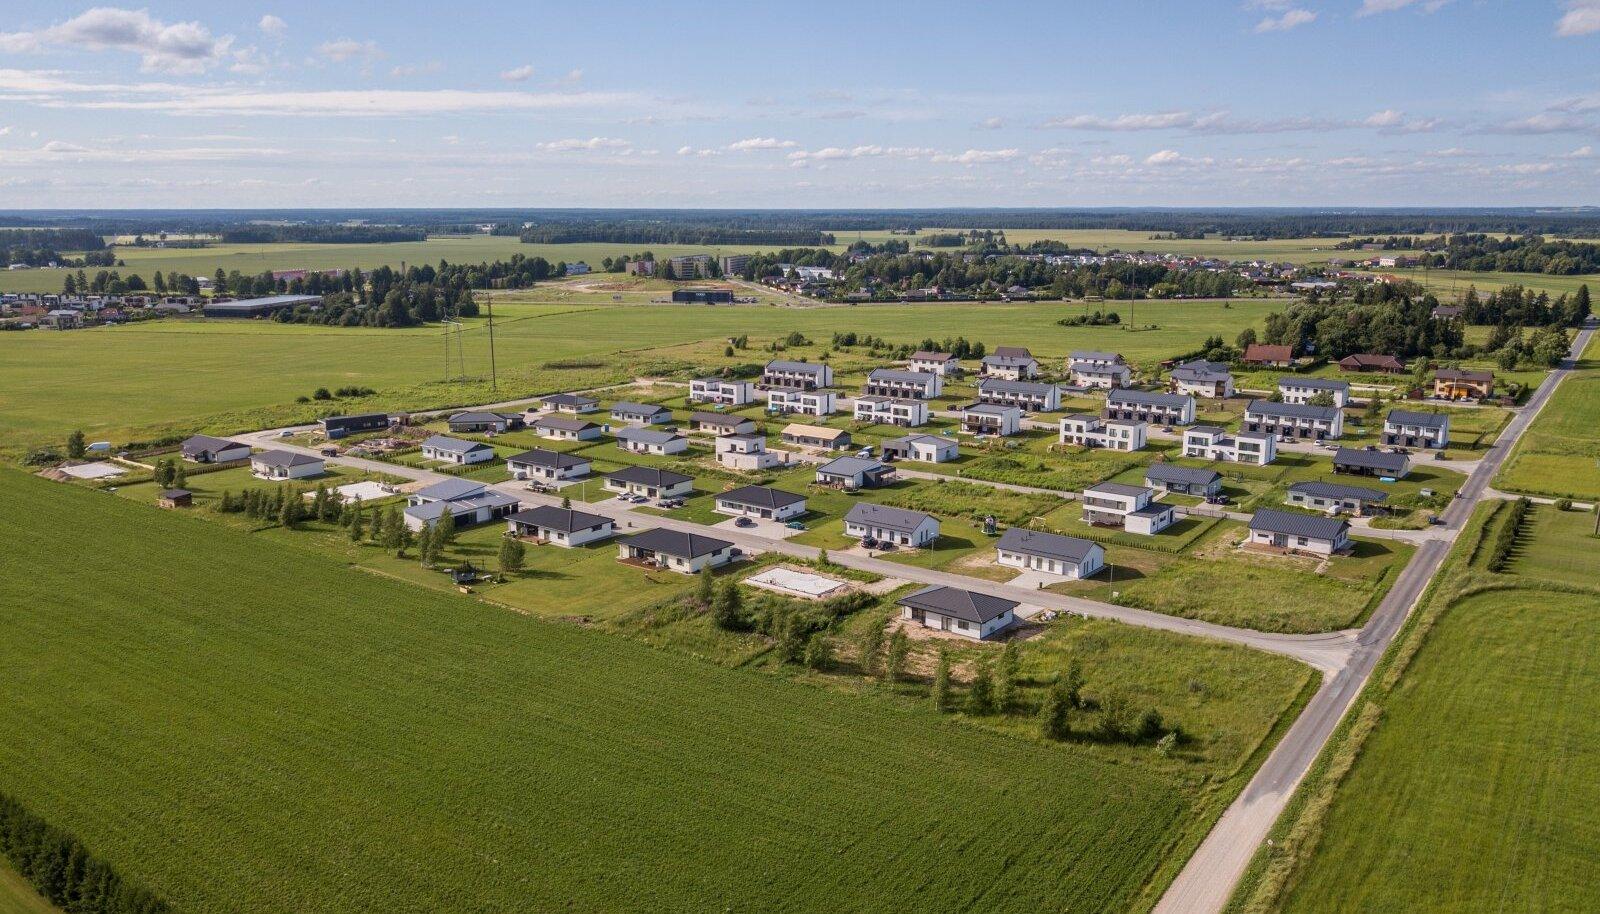 Väärtuslike muldade kadumine on eriti suur probleem Tartu ümbruses, kus viljakad toidupõllud asenduvad üha enam majapõldudega.